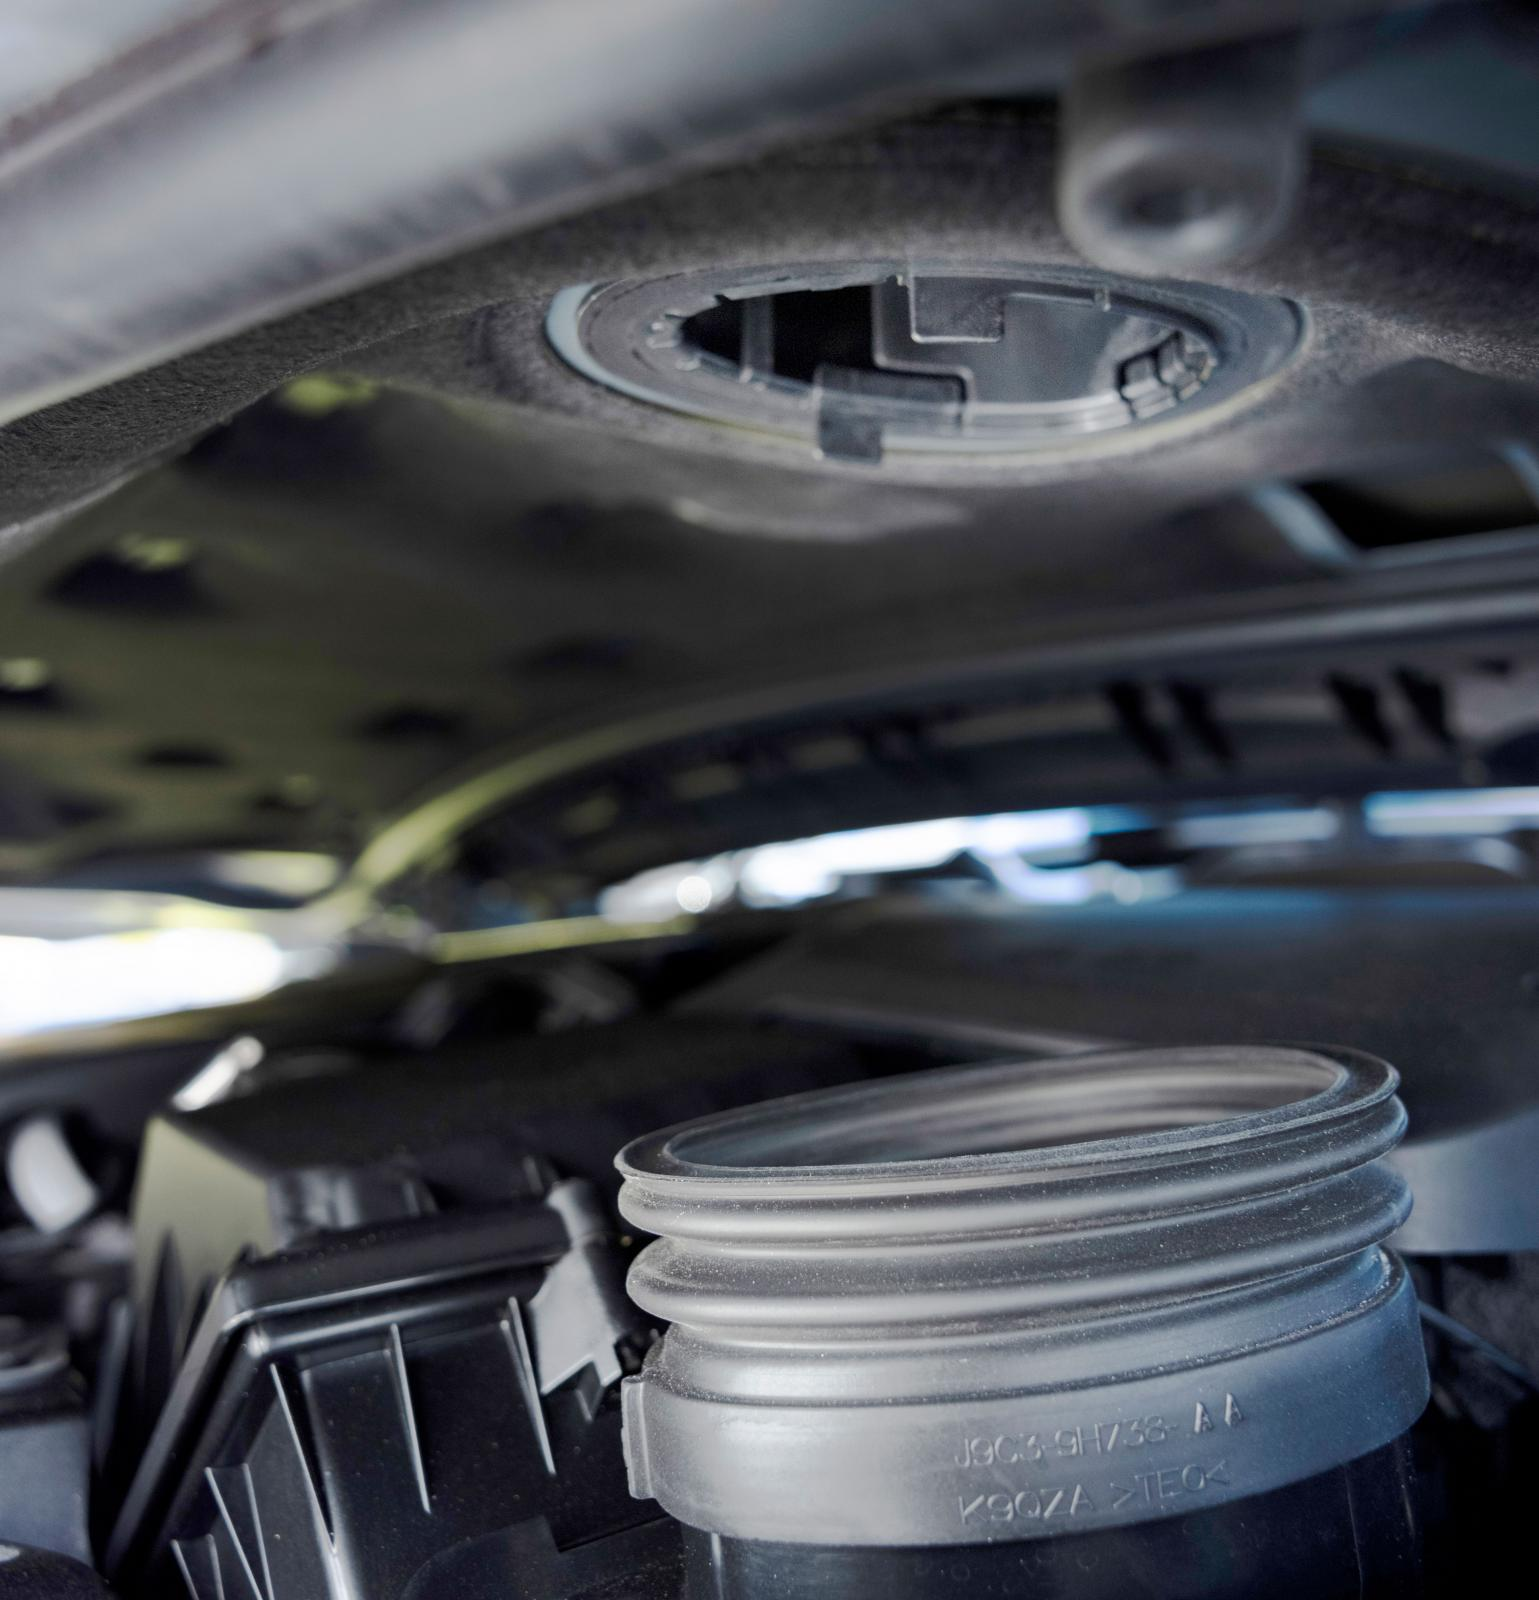 Evoque tar in motorns luft från ovankant av motorhuven, det ger ett vaddjup på 60 cm.